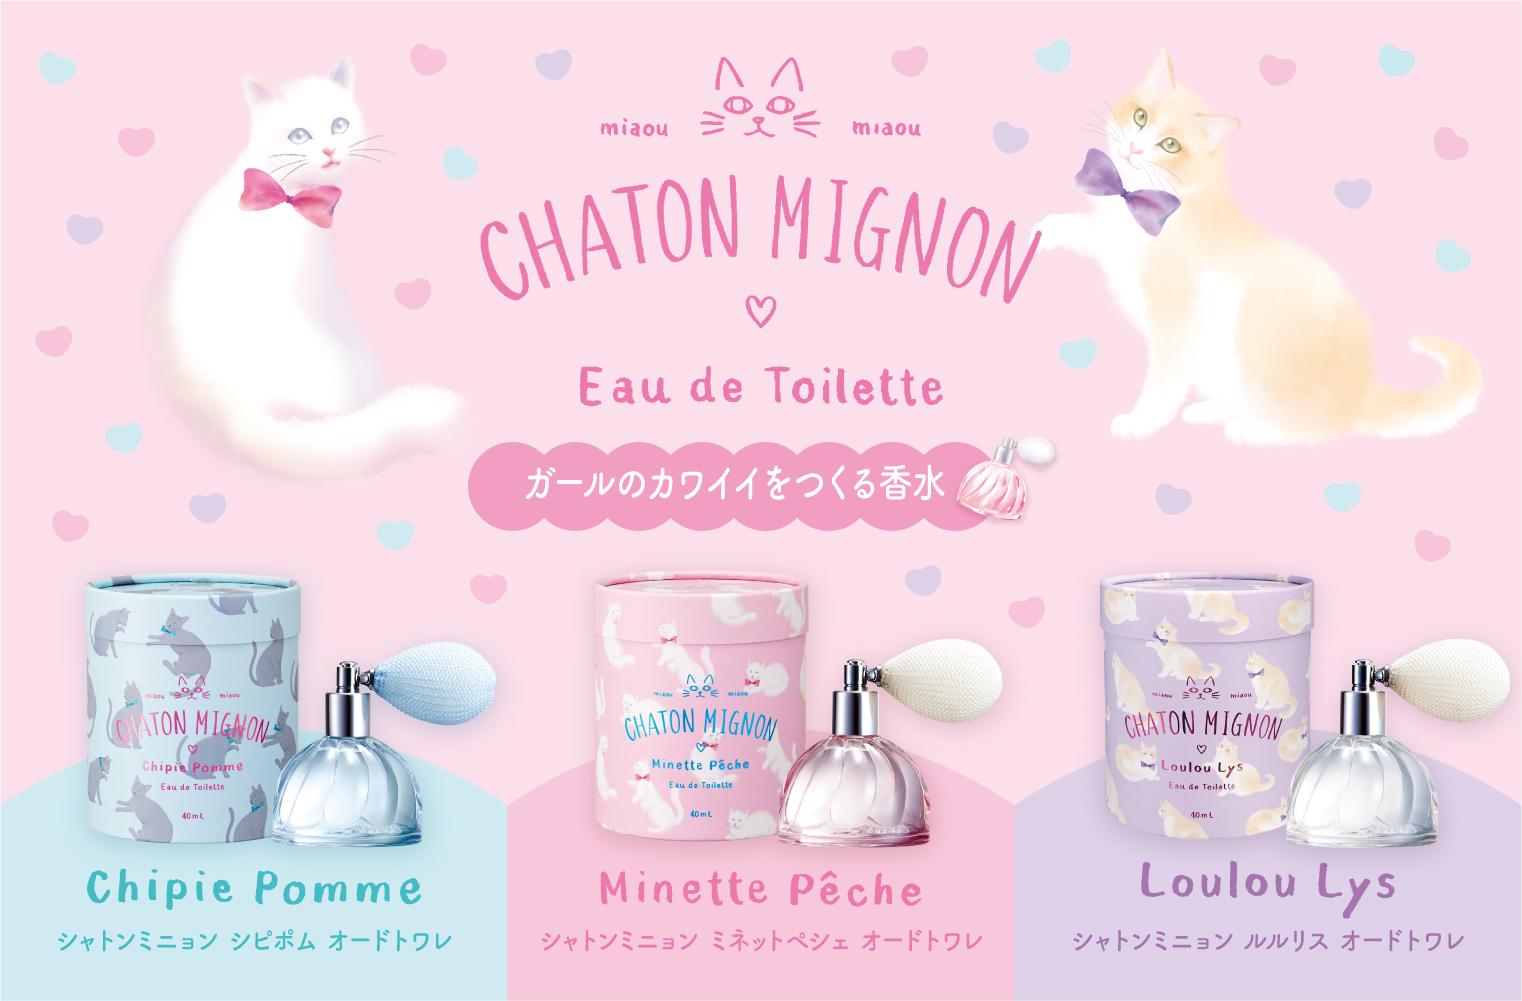 CHATON_EC_TOP_730_480.jpg シャトンミニョン カテゴリTOP